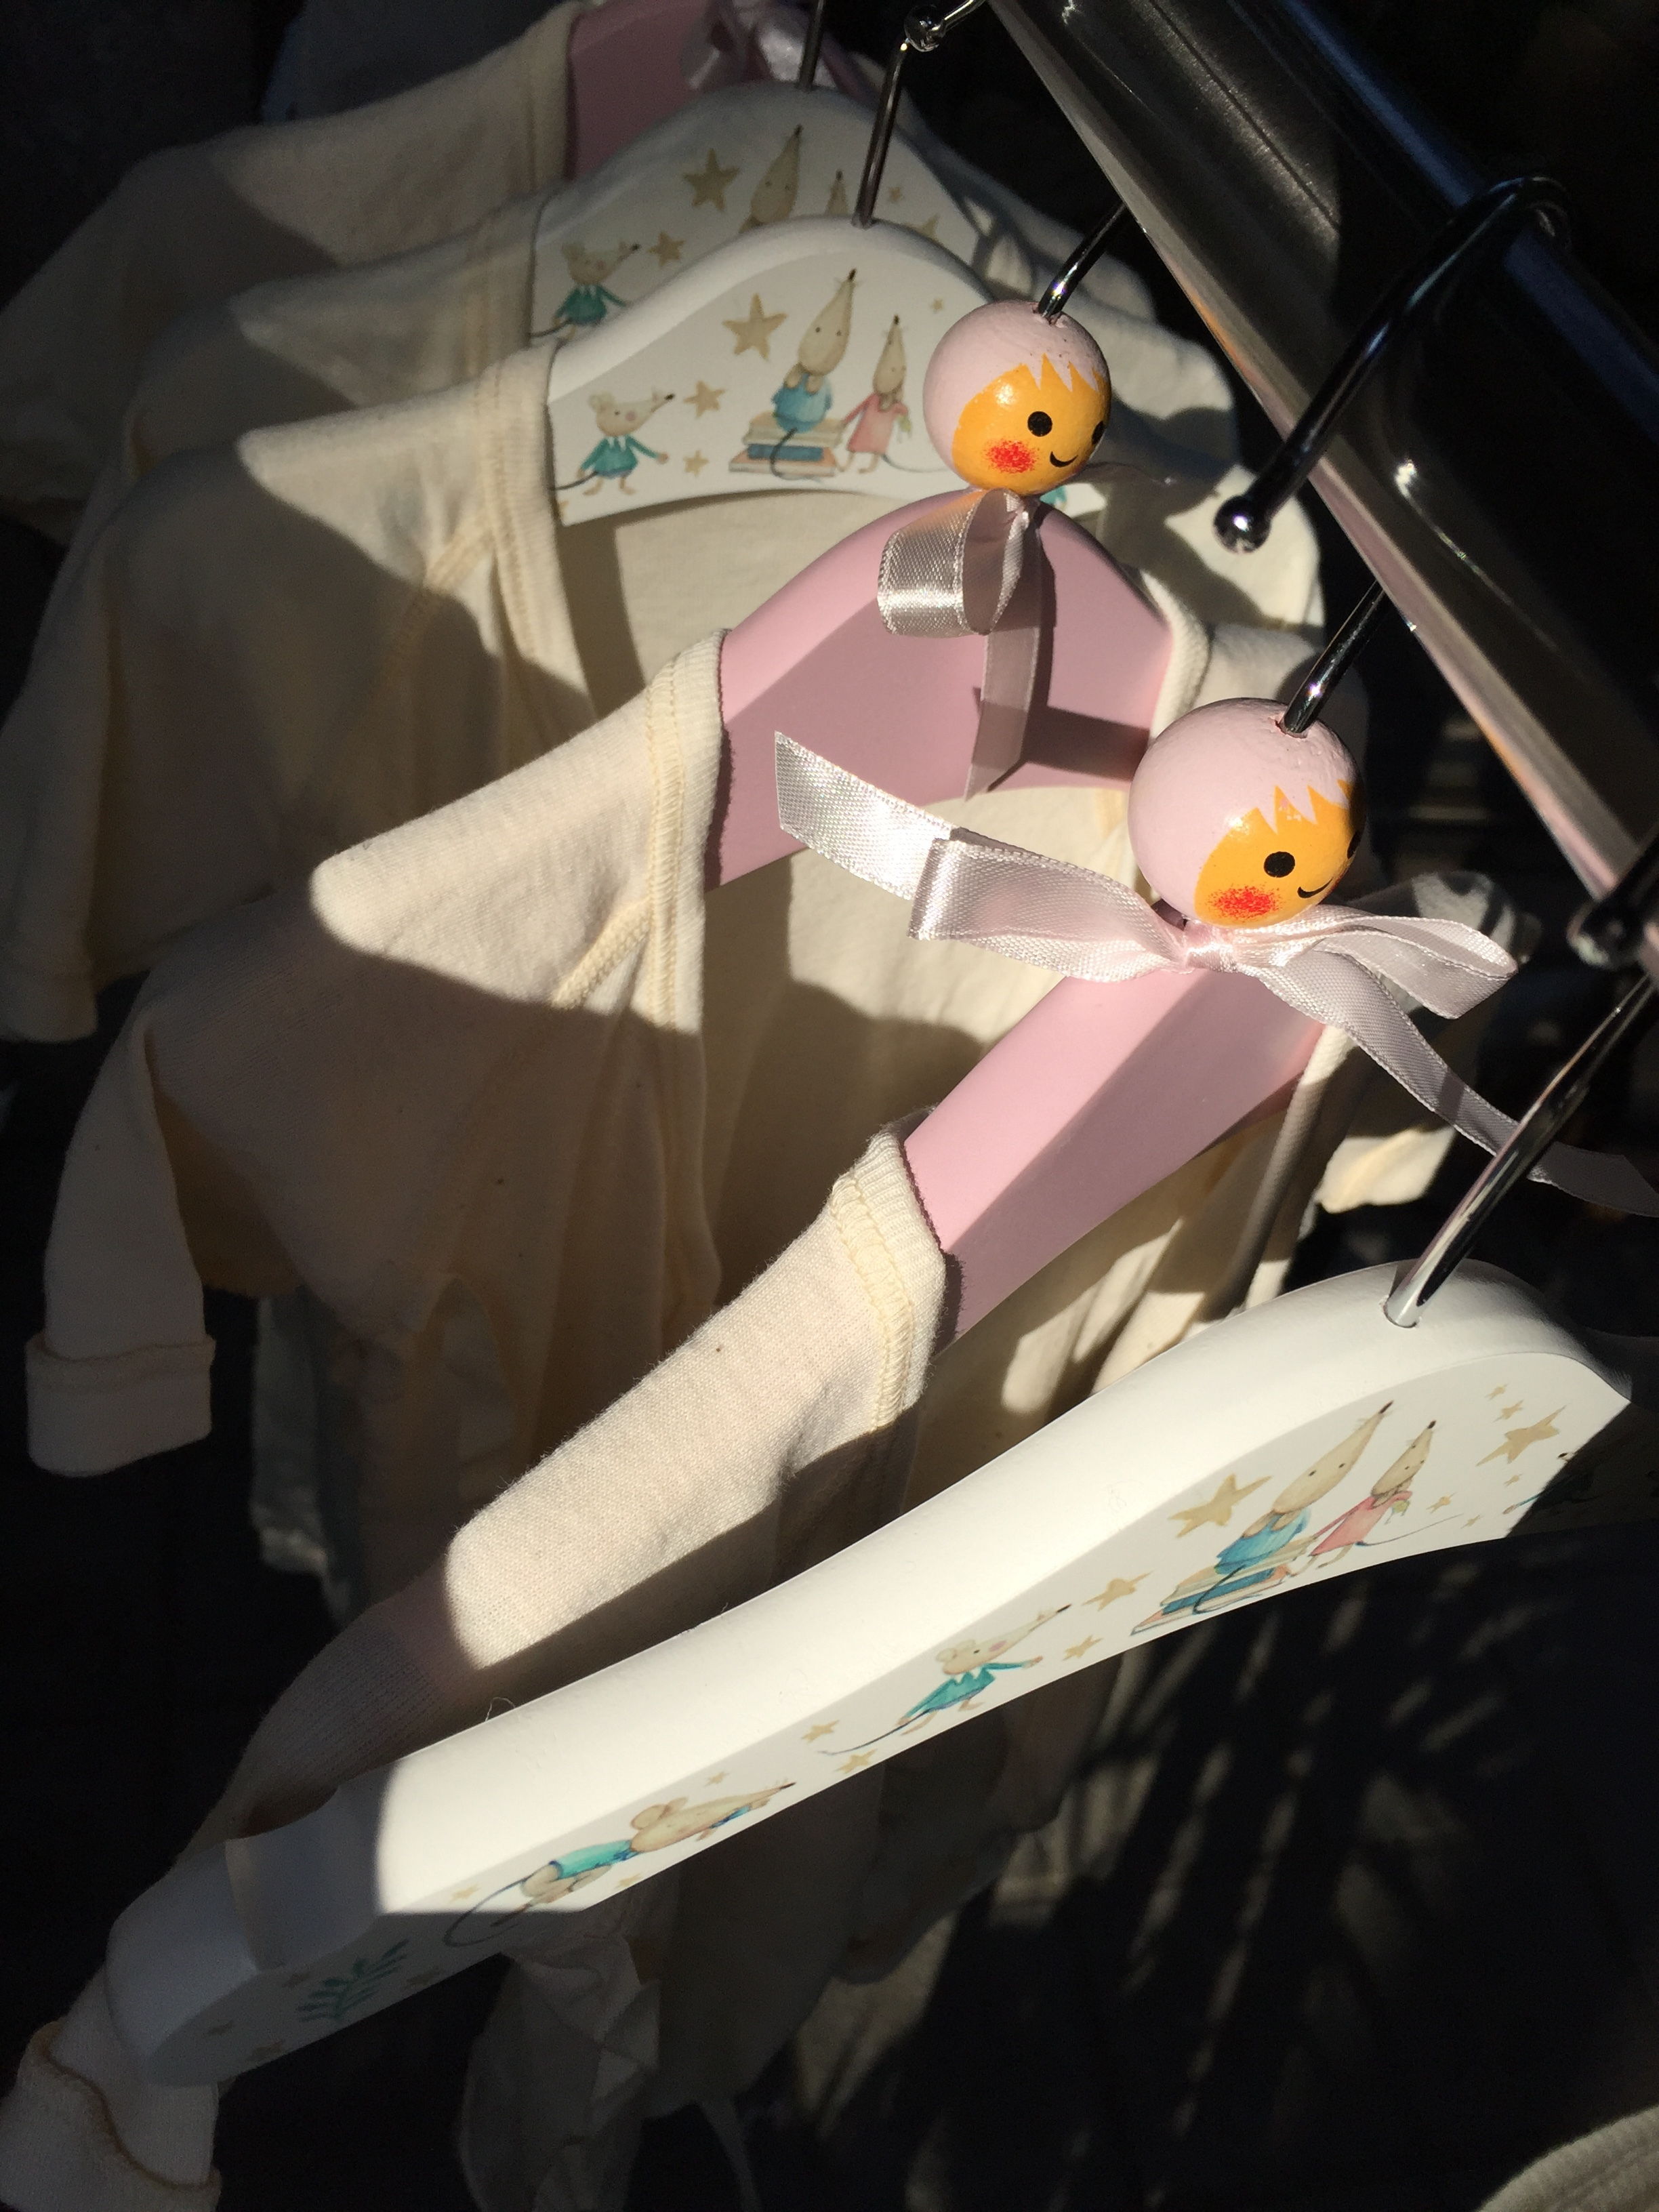 産まれてすぐに使いそうな肌着やシーツの洗濯を開始。